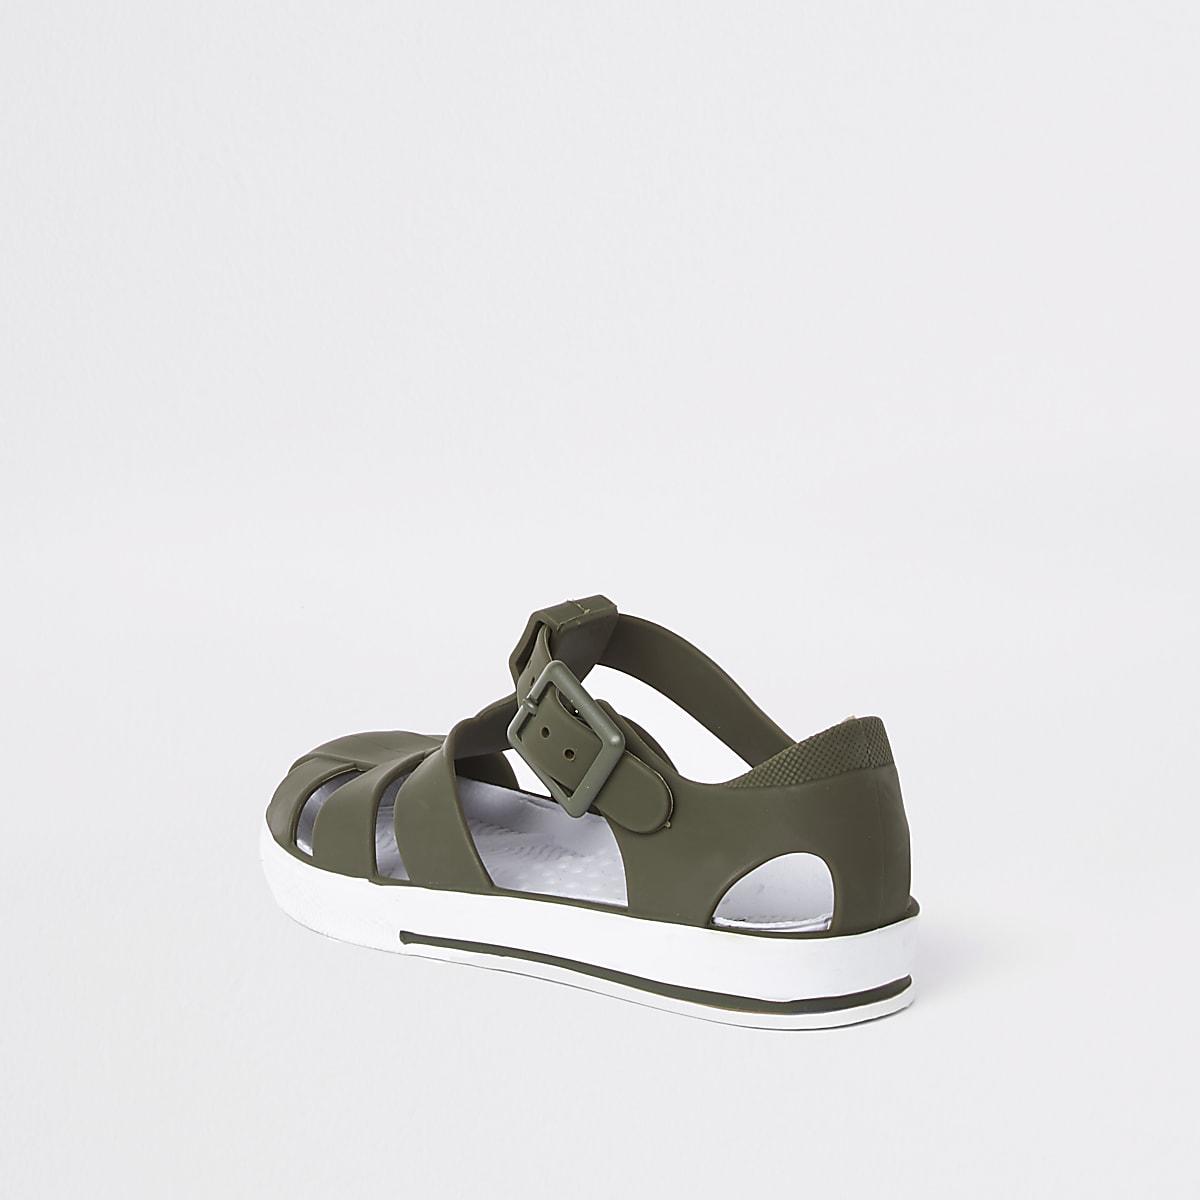 620220af25449 Sandales en plastique kaki pour mini garçon - Sandales pour bébé ...